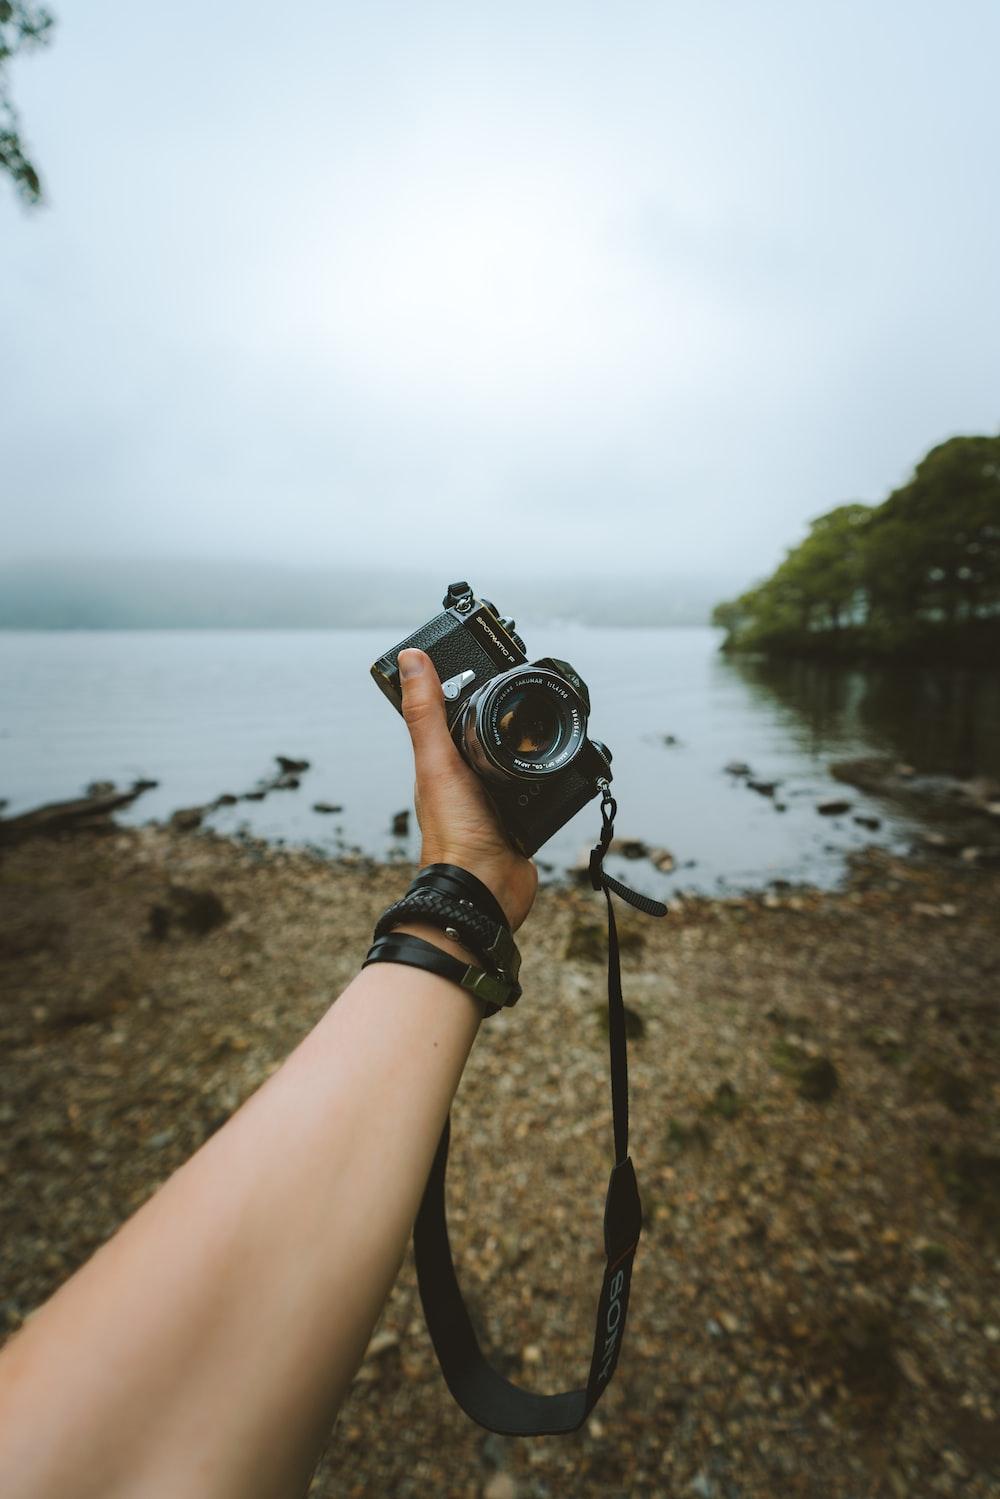 person holding black DSLR camera on seashore